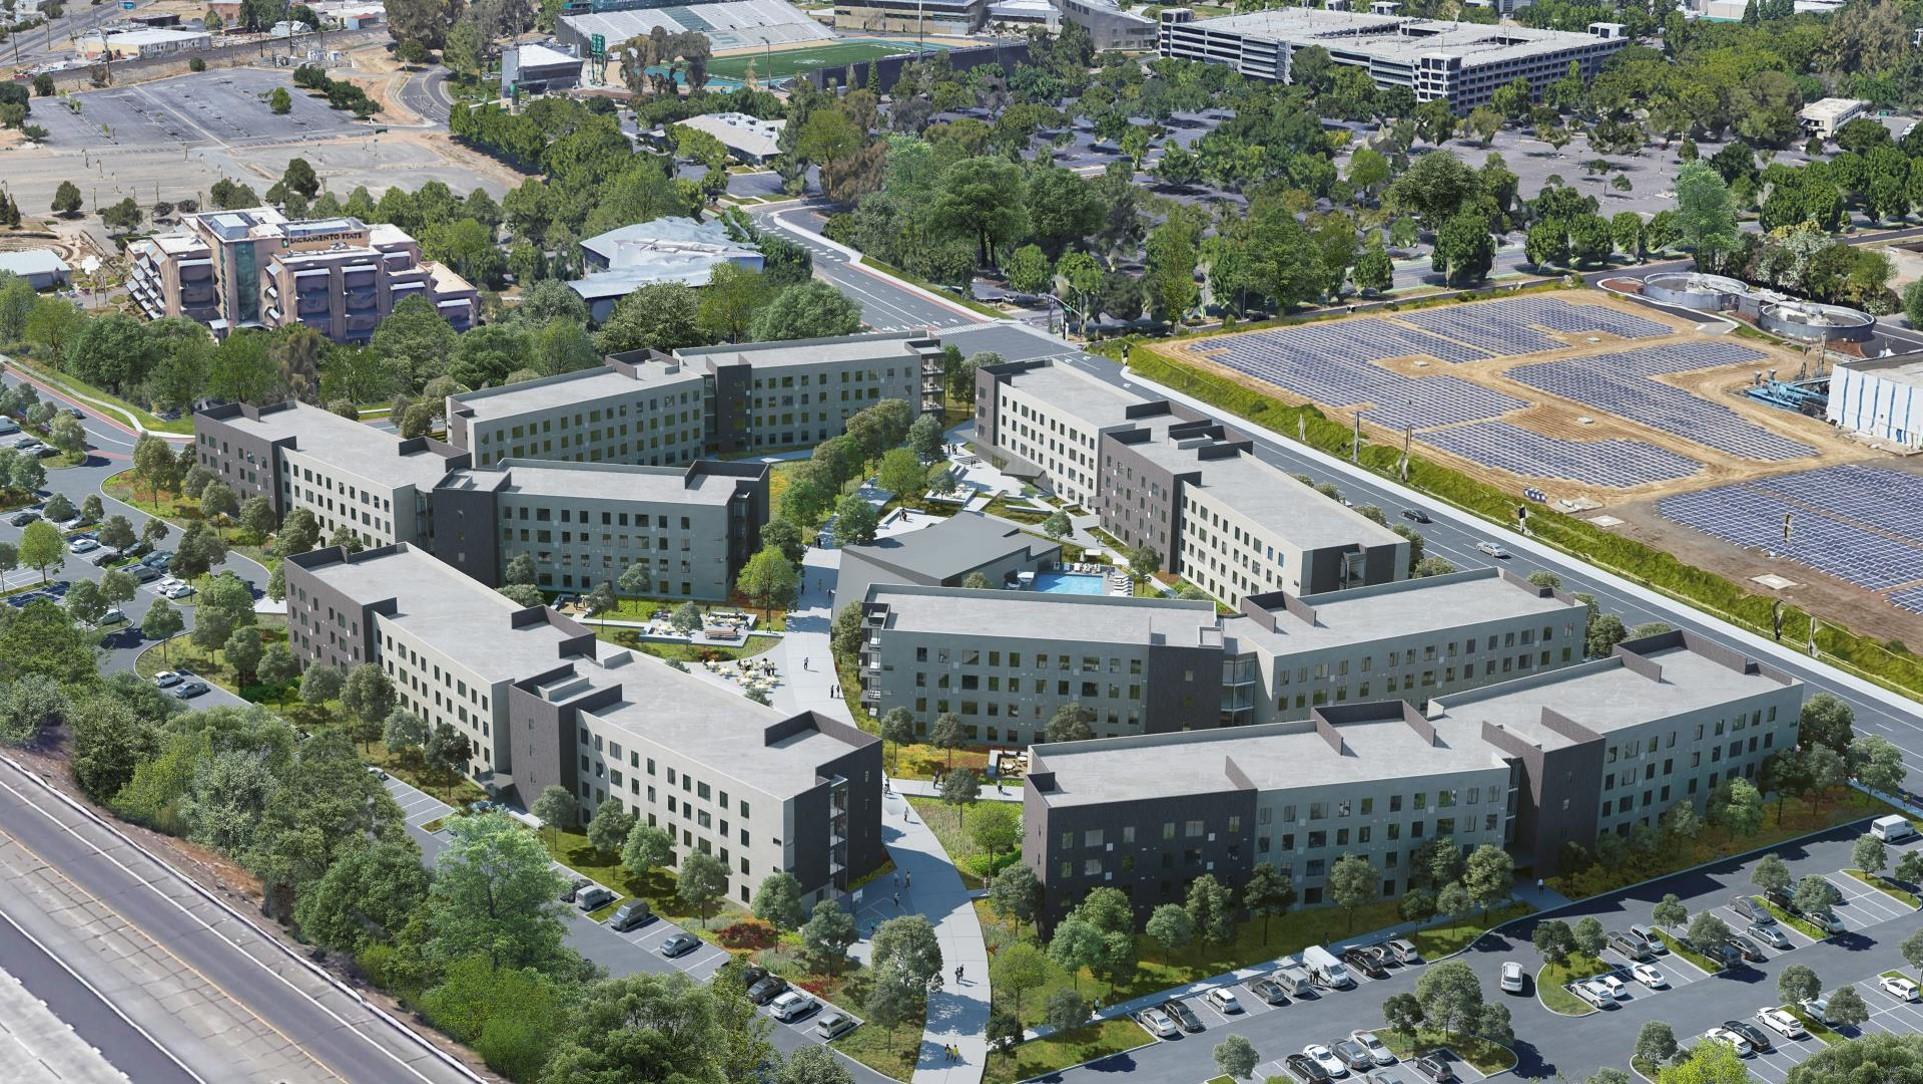 Groundbreaking set for HorCommons student housing